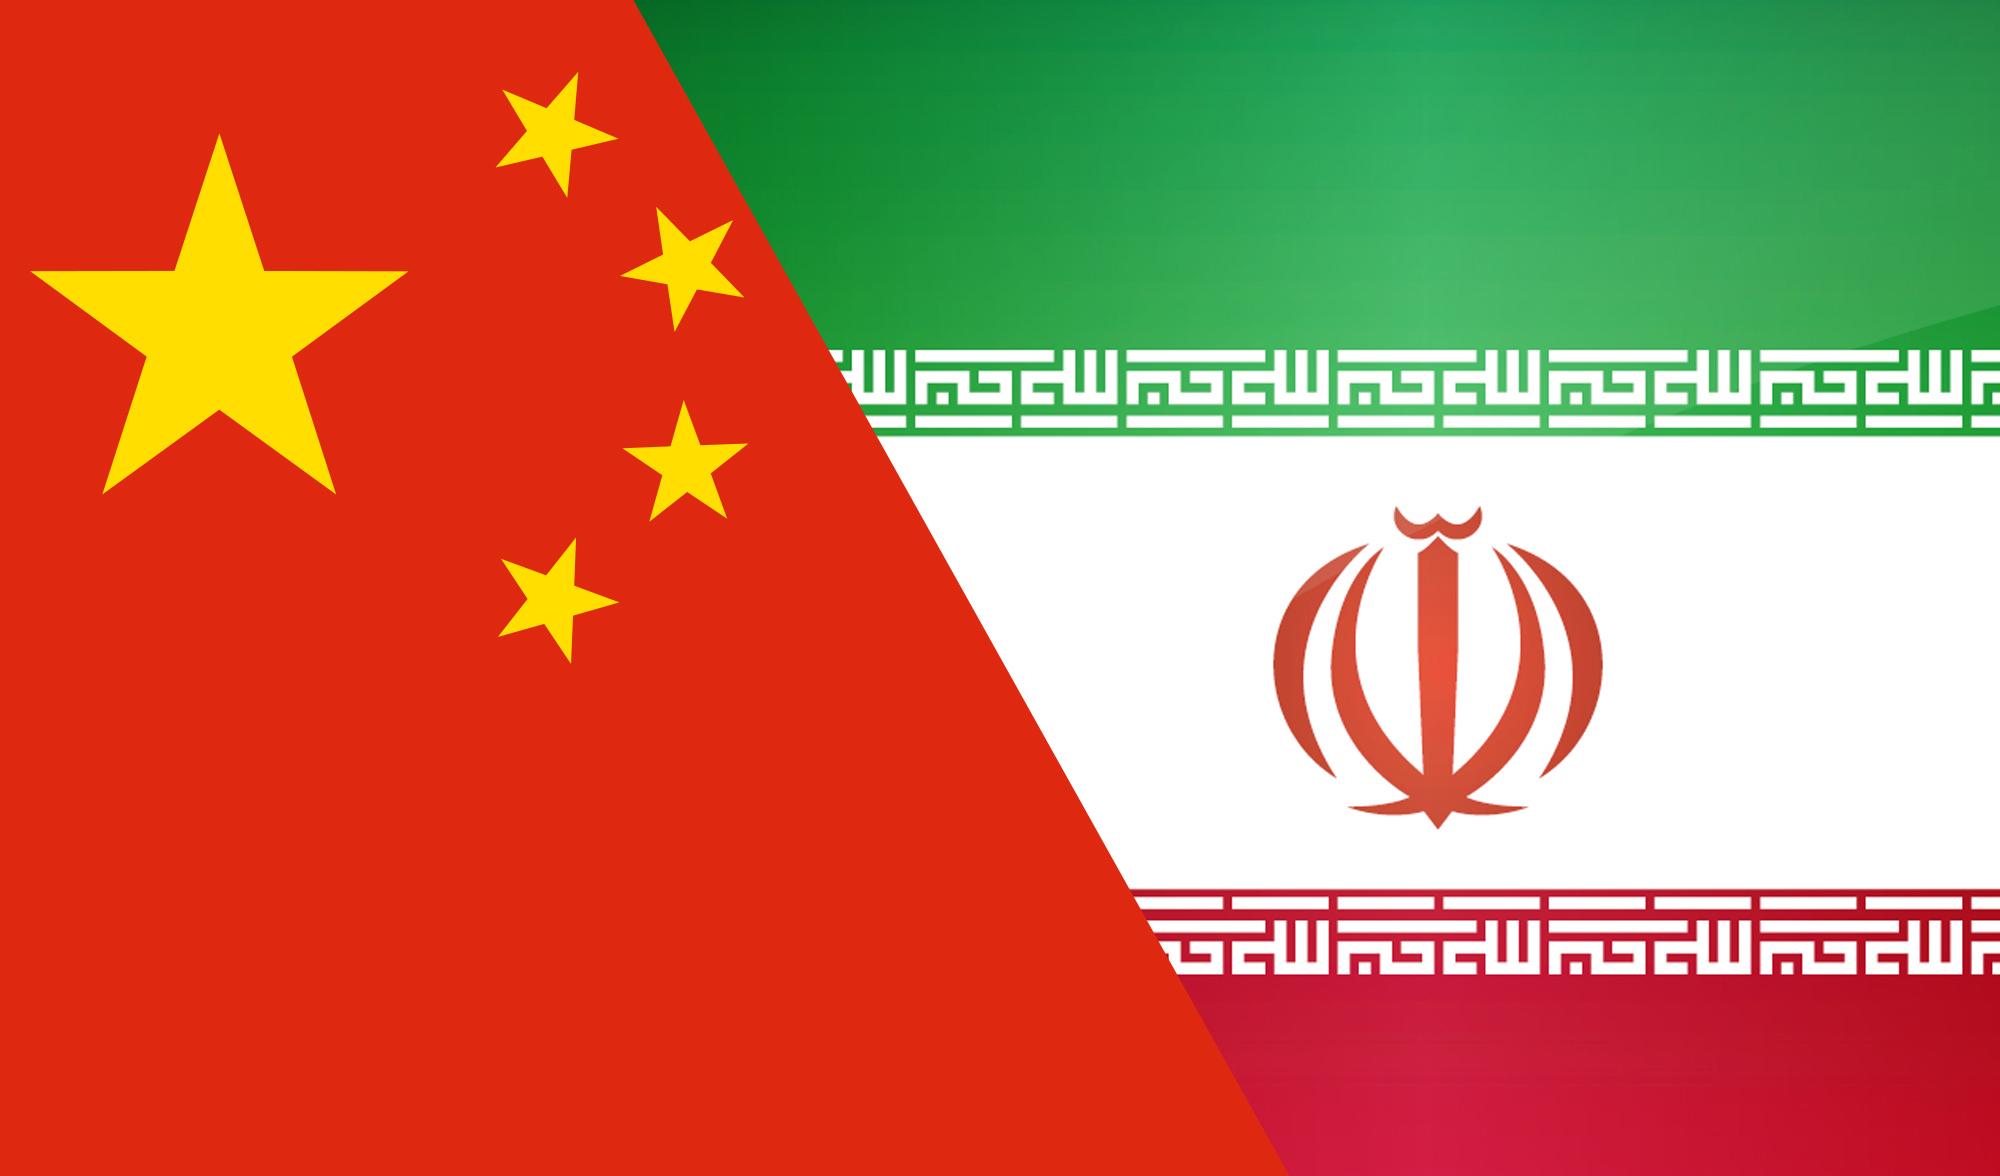 رییس کل گمرک: چین شریک اول تجاری ایران است